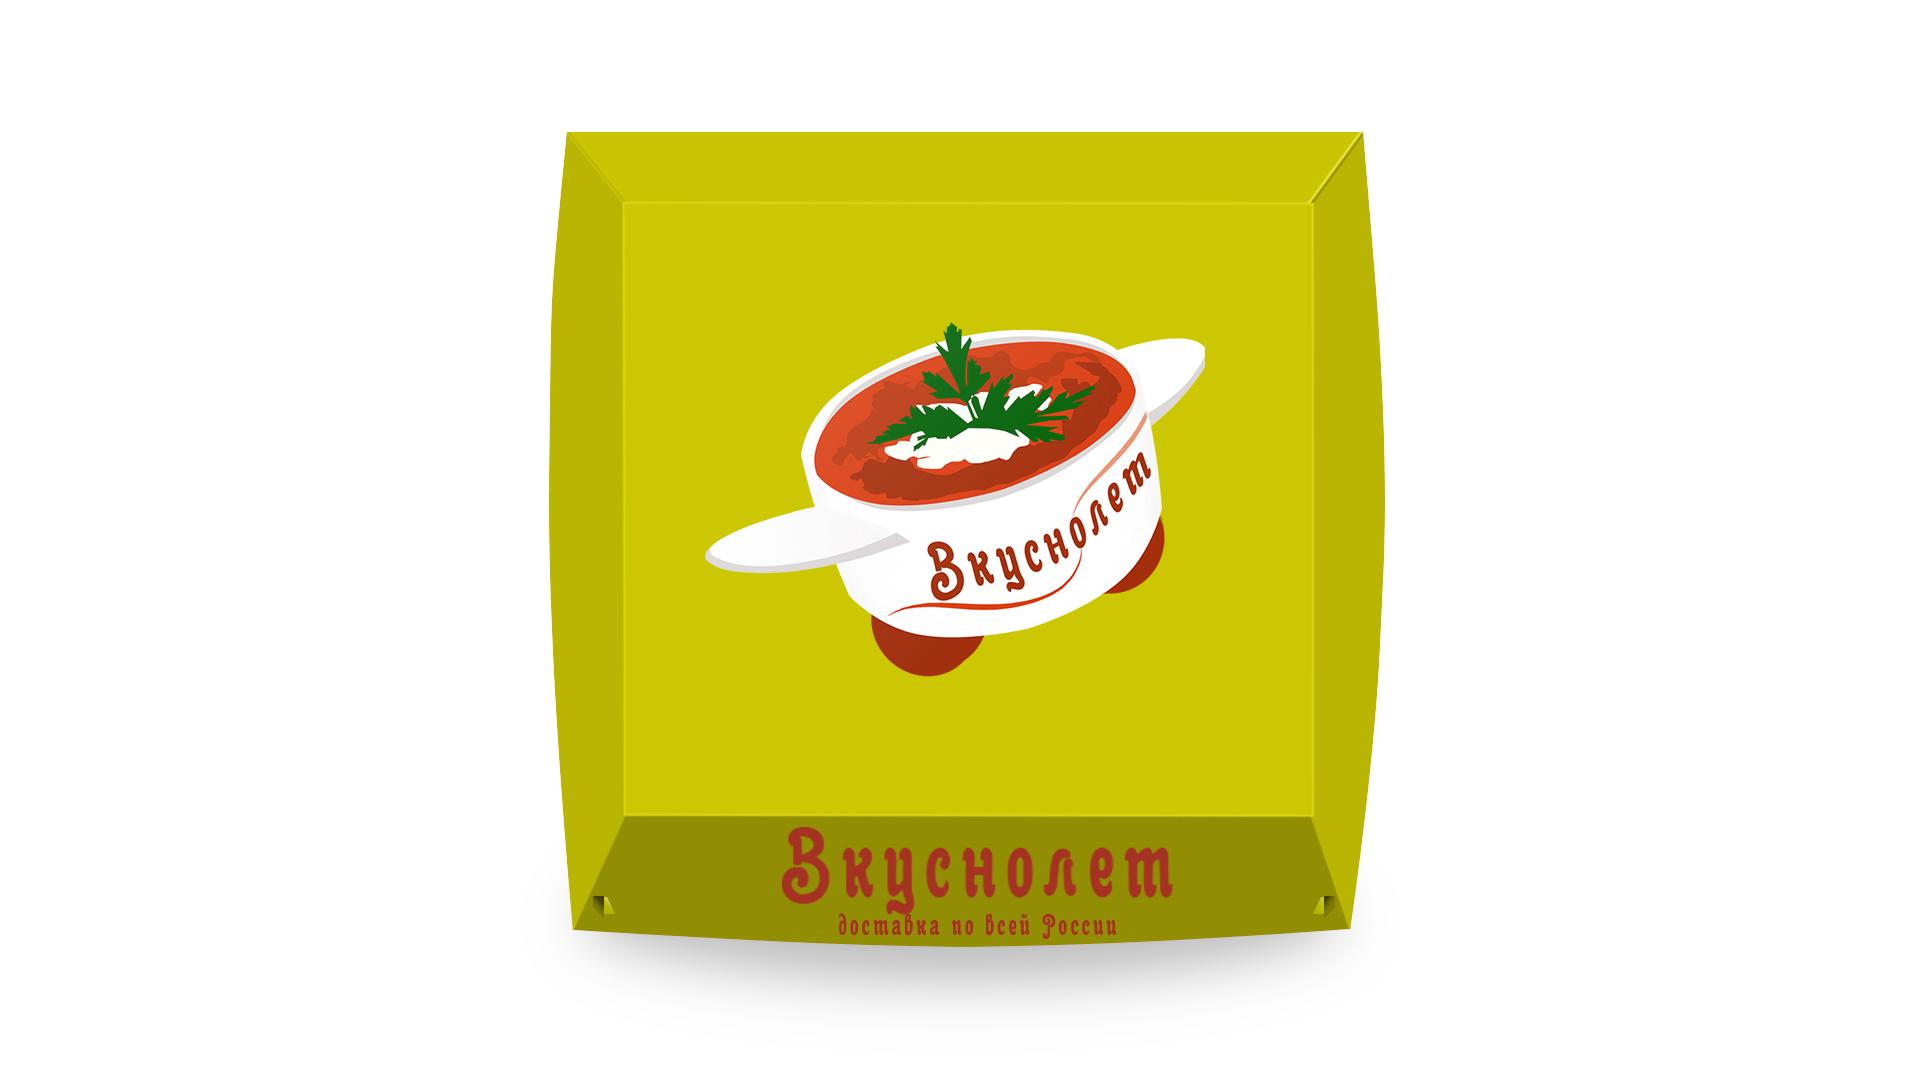 Логотип для доставки еды фото f_30859d3c7603f01c.jpg